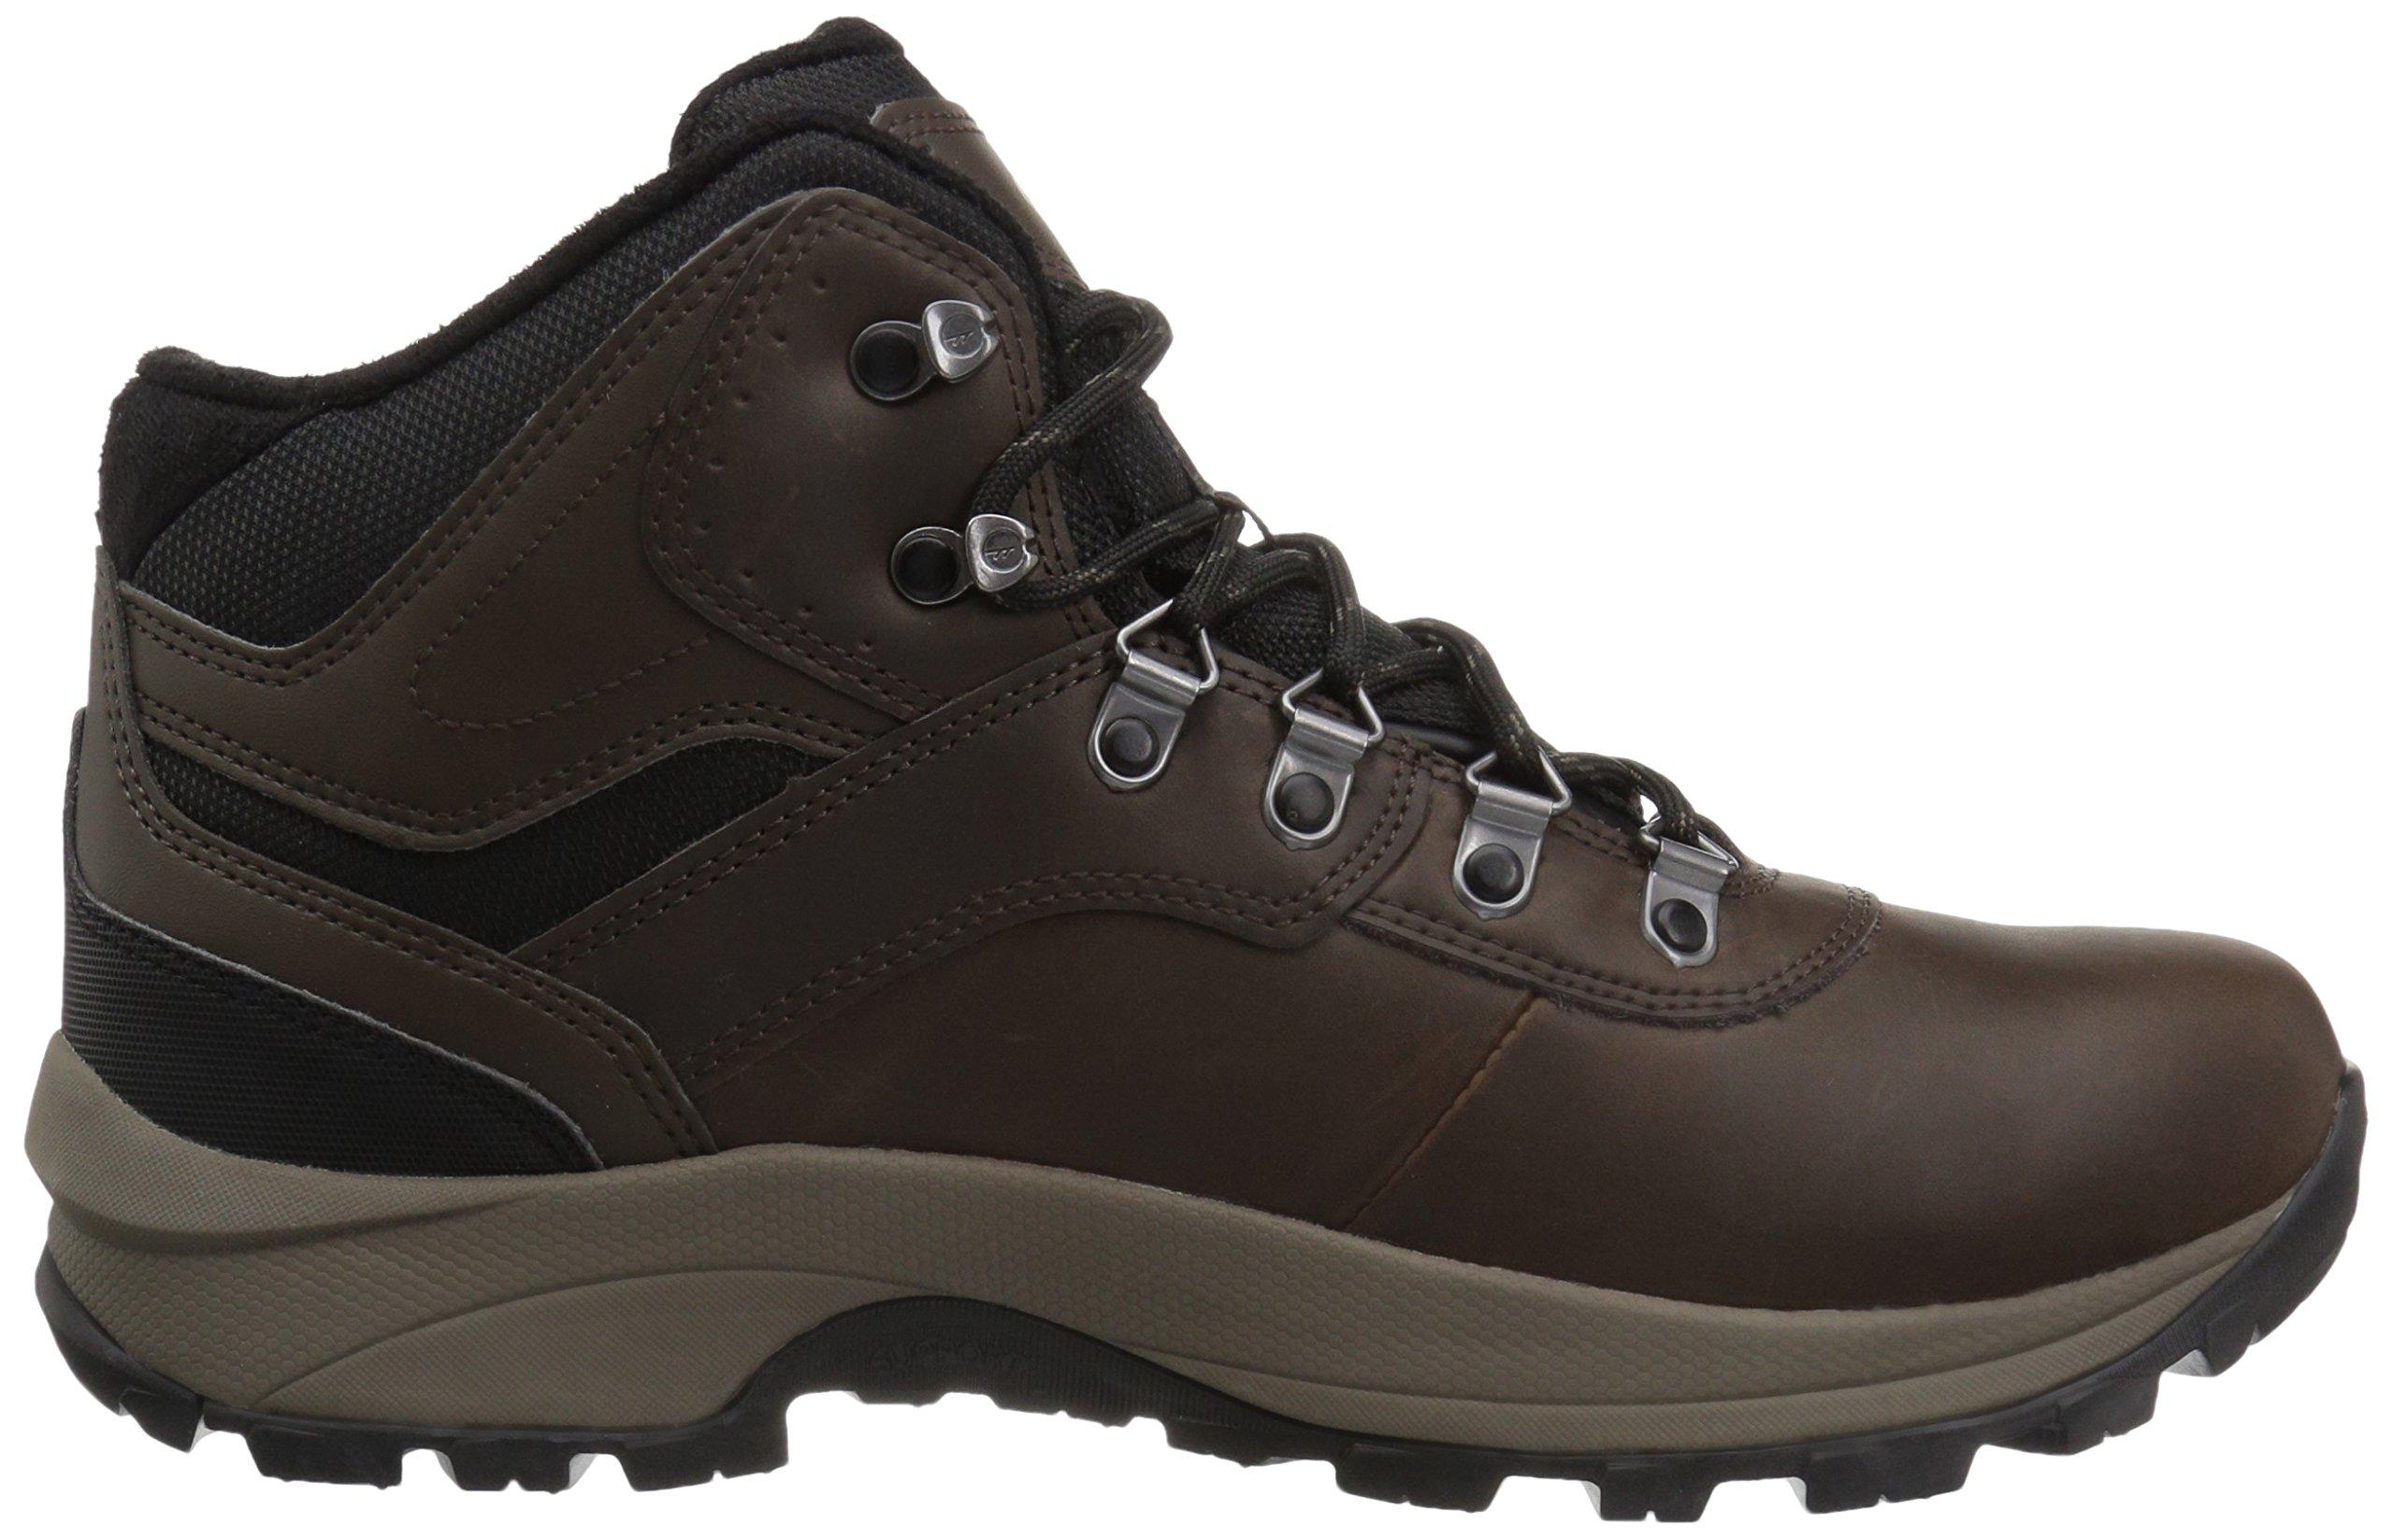 Hi-Tec Men's Altitude VI I Waterproof Hiking Boot, Dark Chocolate, 9.5 D US by Hi-Tec (Image #7)